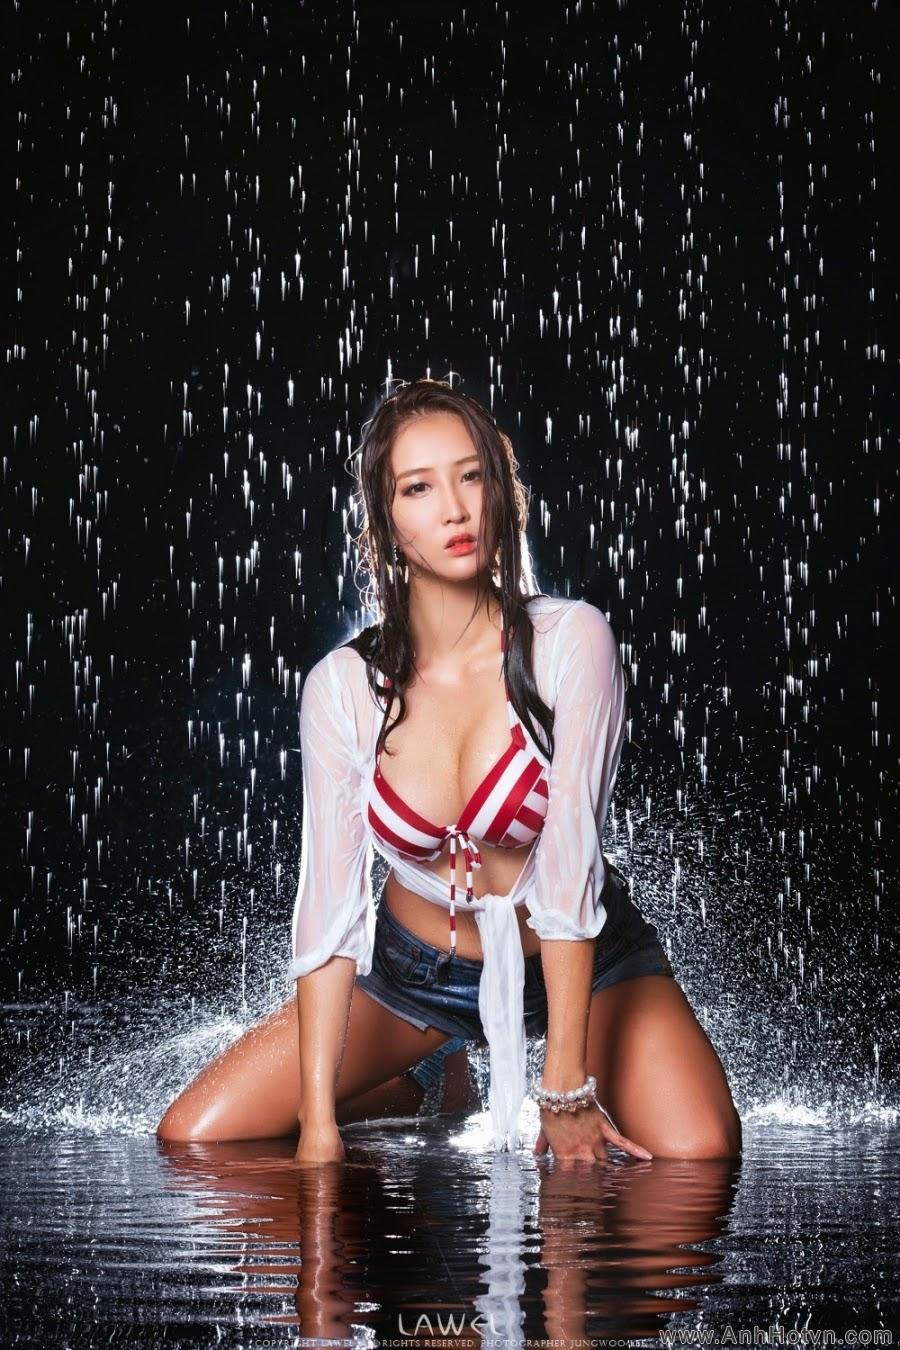 Cơn mưa ngang qua @BaoBua: Hội Việt Mê Cosplay